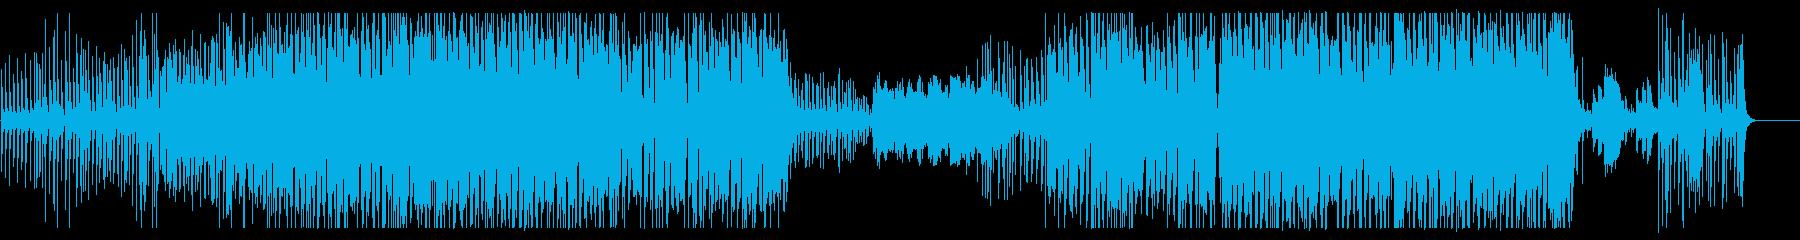 妖しげでエキゾチックなエレクトロの再生済みの波形